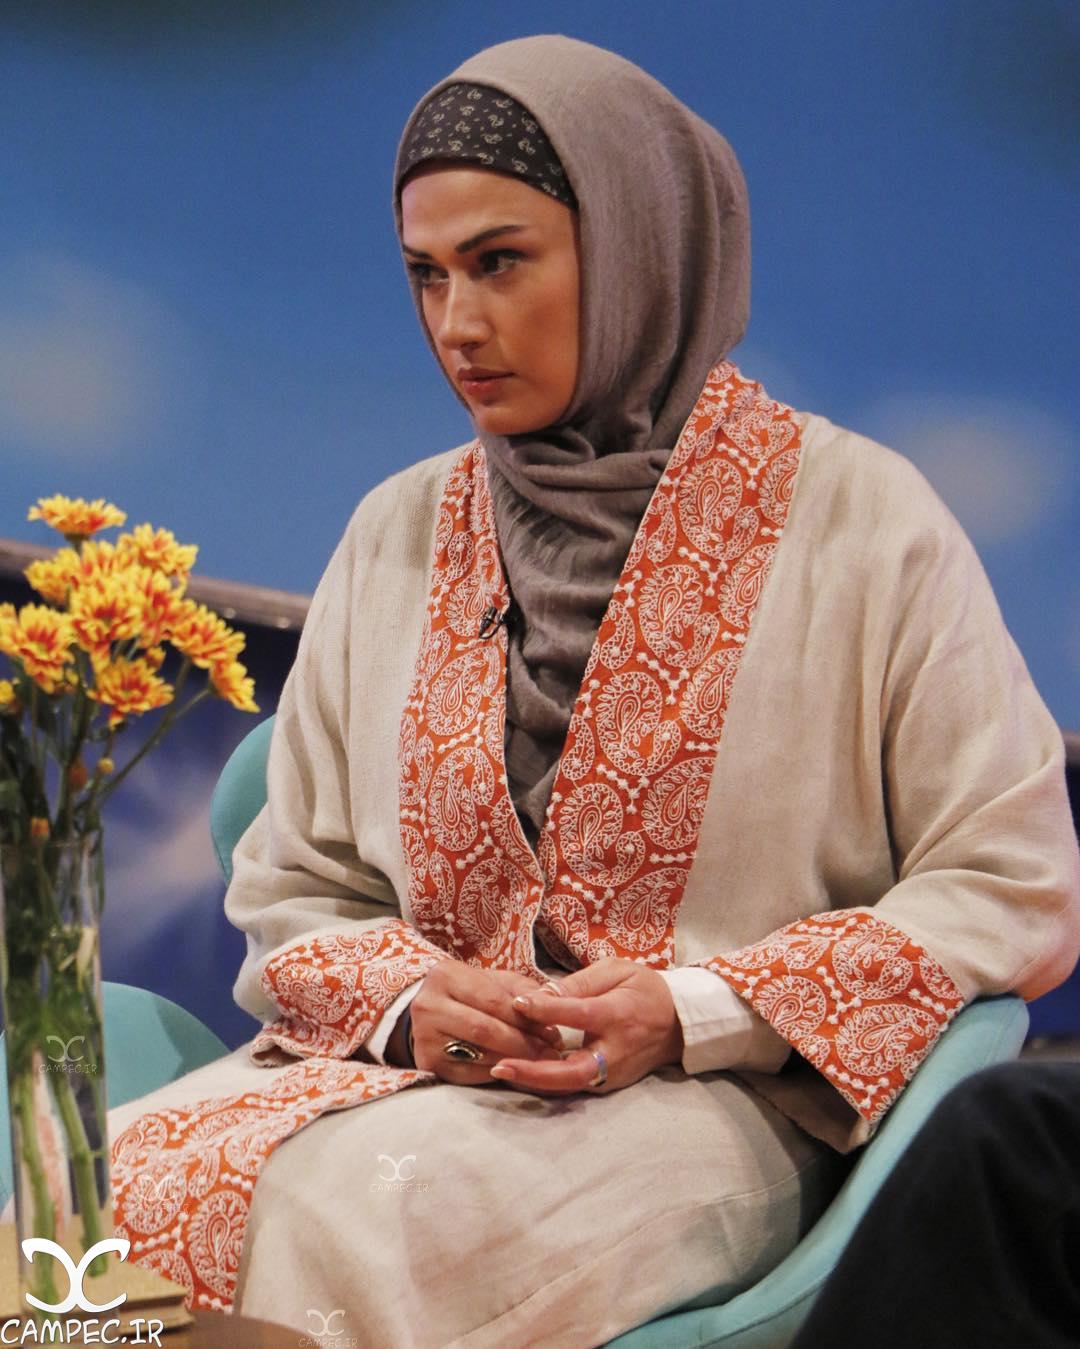 لادن مستوفی در برنامه خوشا شیراز